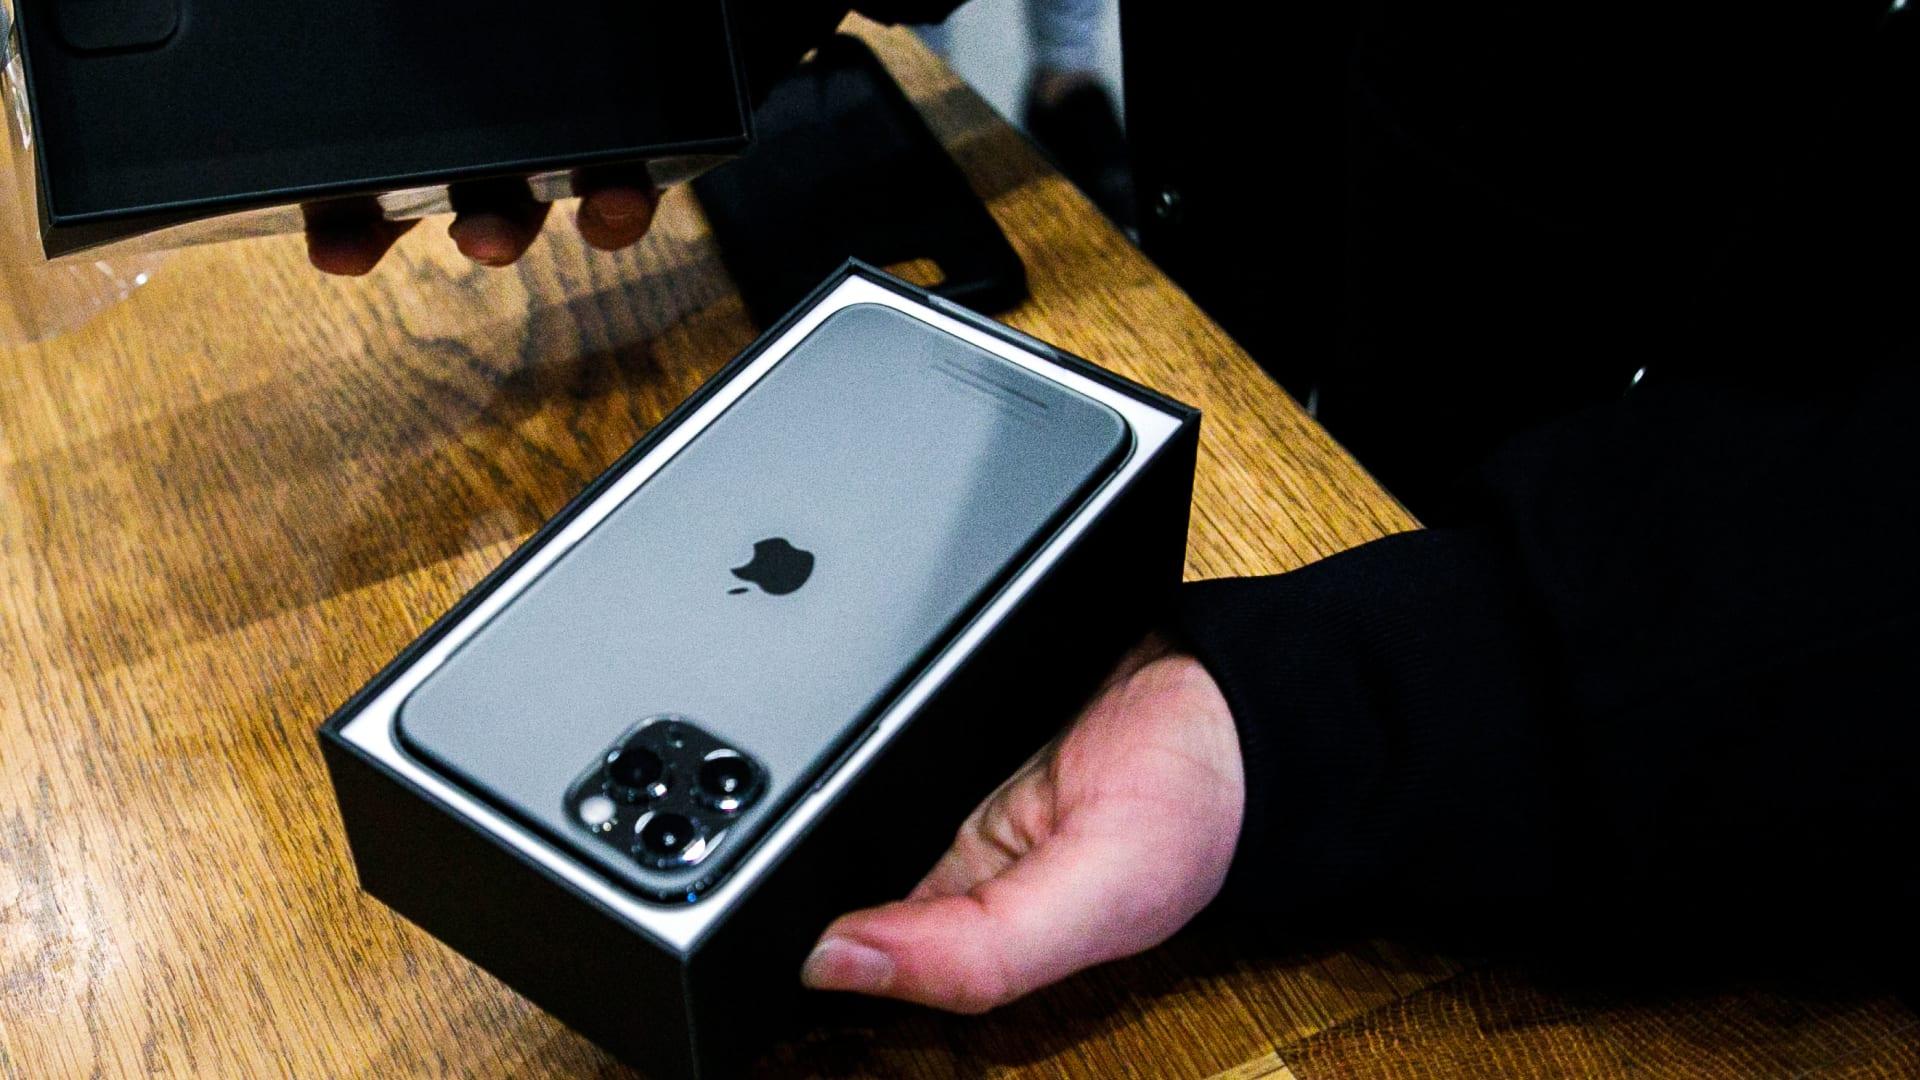 في الأسواق قريباً.. بطارية جديدة ستشحن هاتفك الذكي لـ5 أيام